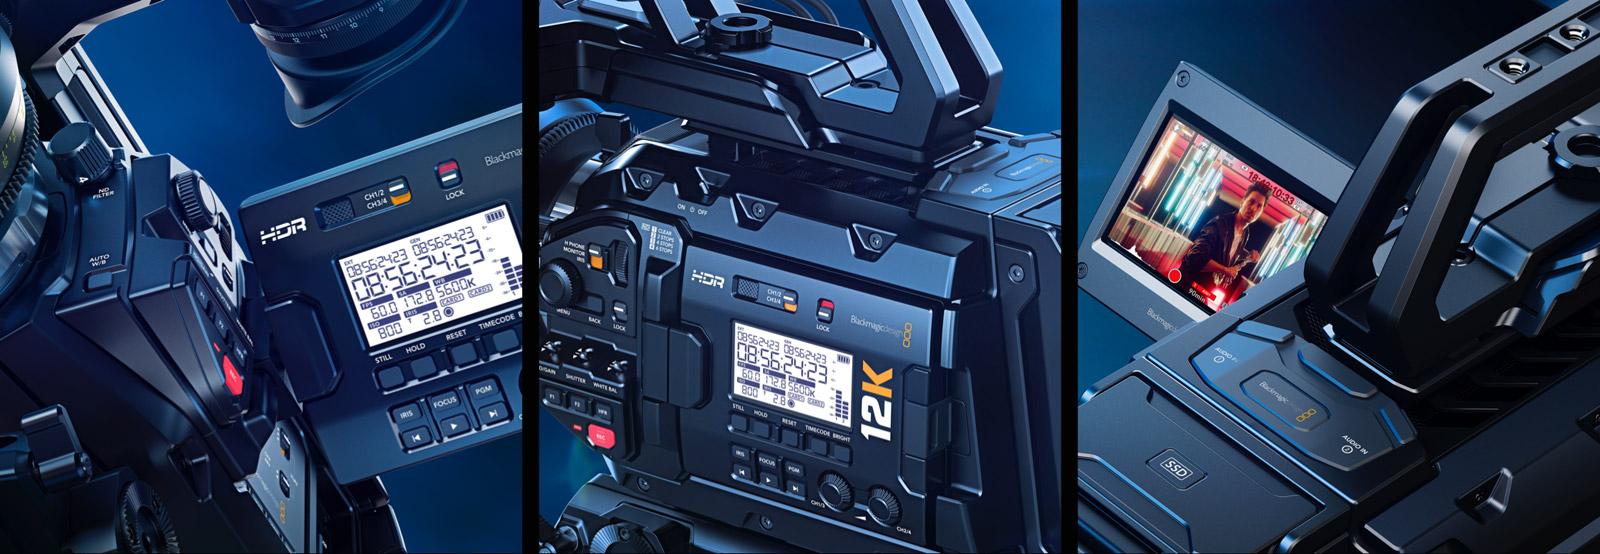 URSA Mini Pro 12K 3